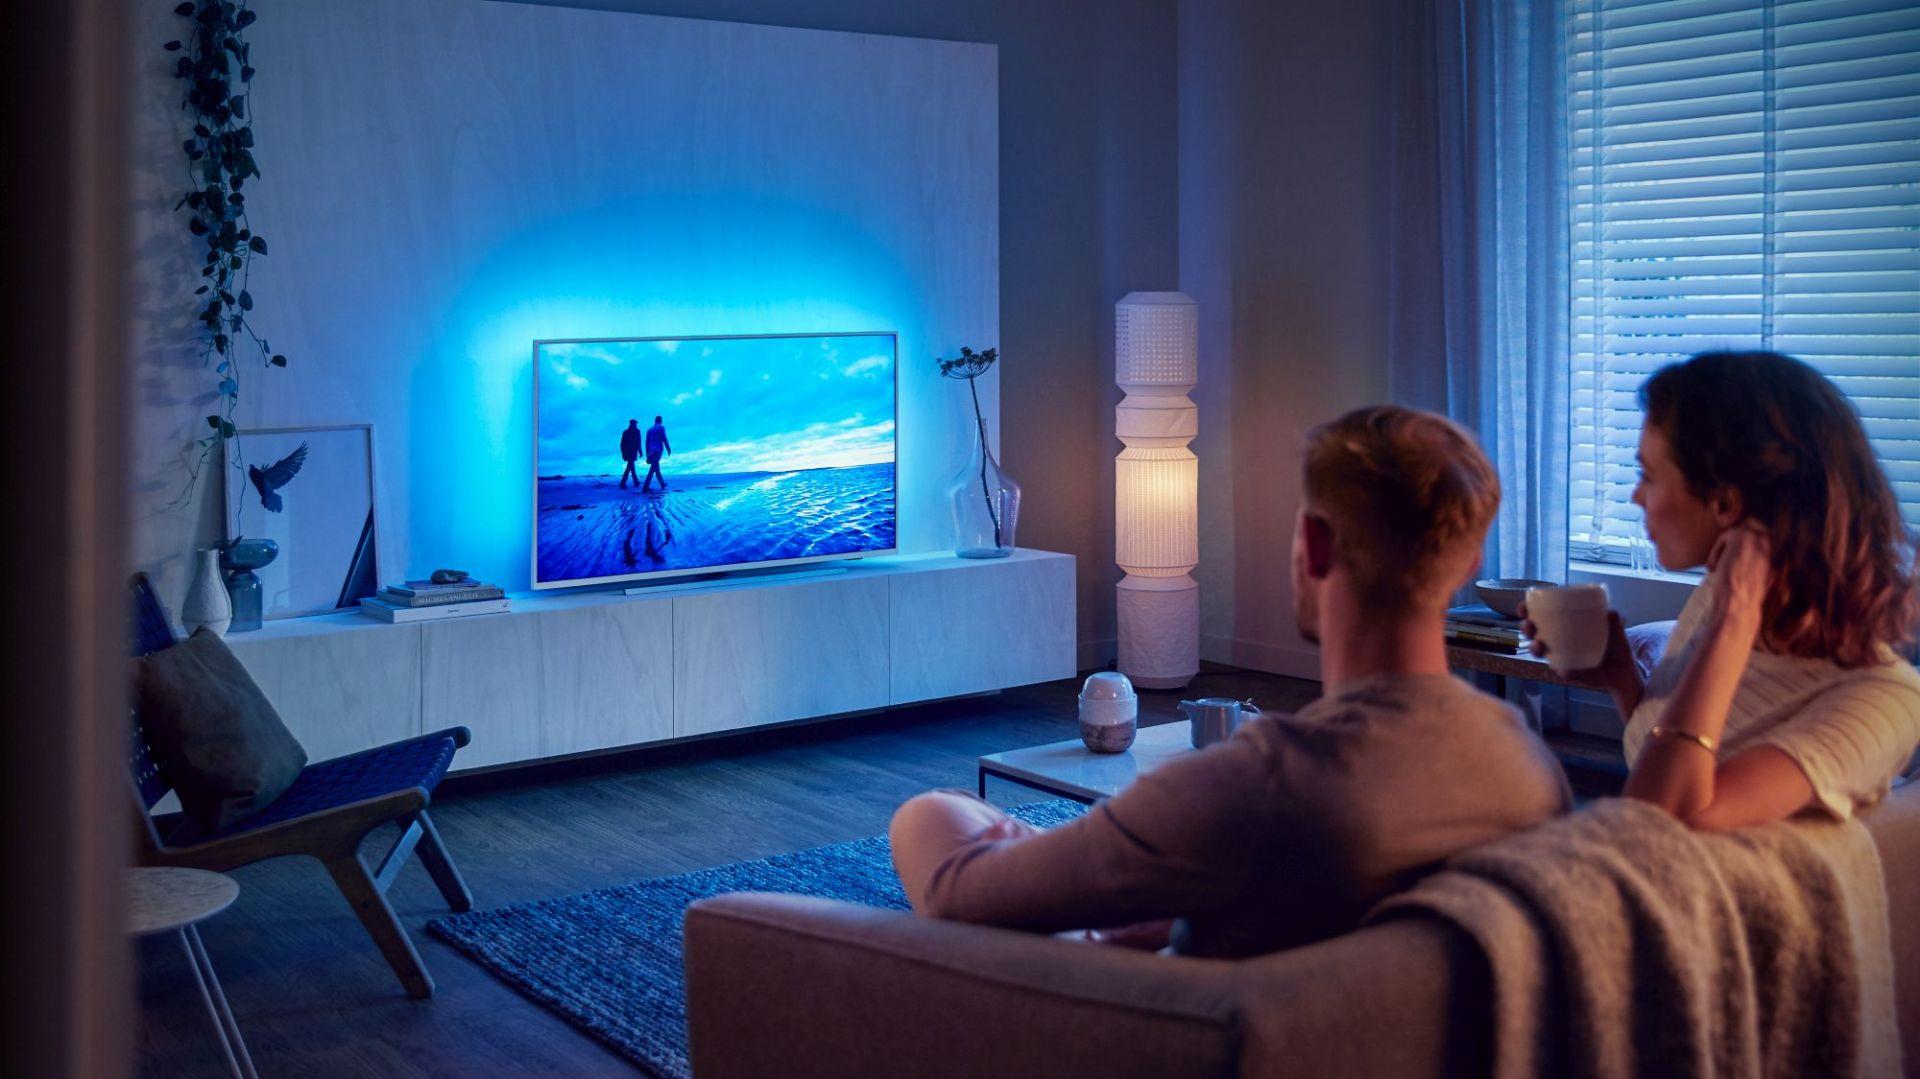 Nowoczesny telewizor: seria Performance. Fot. Philips